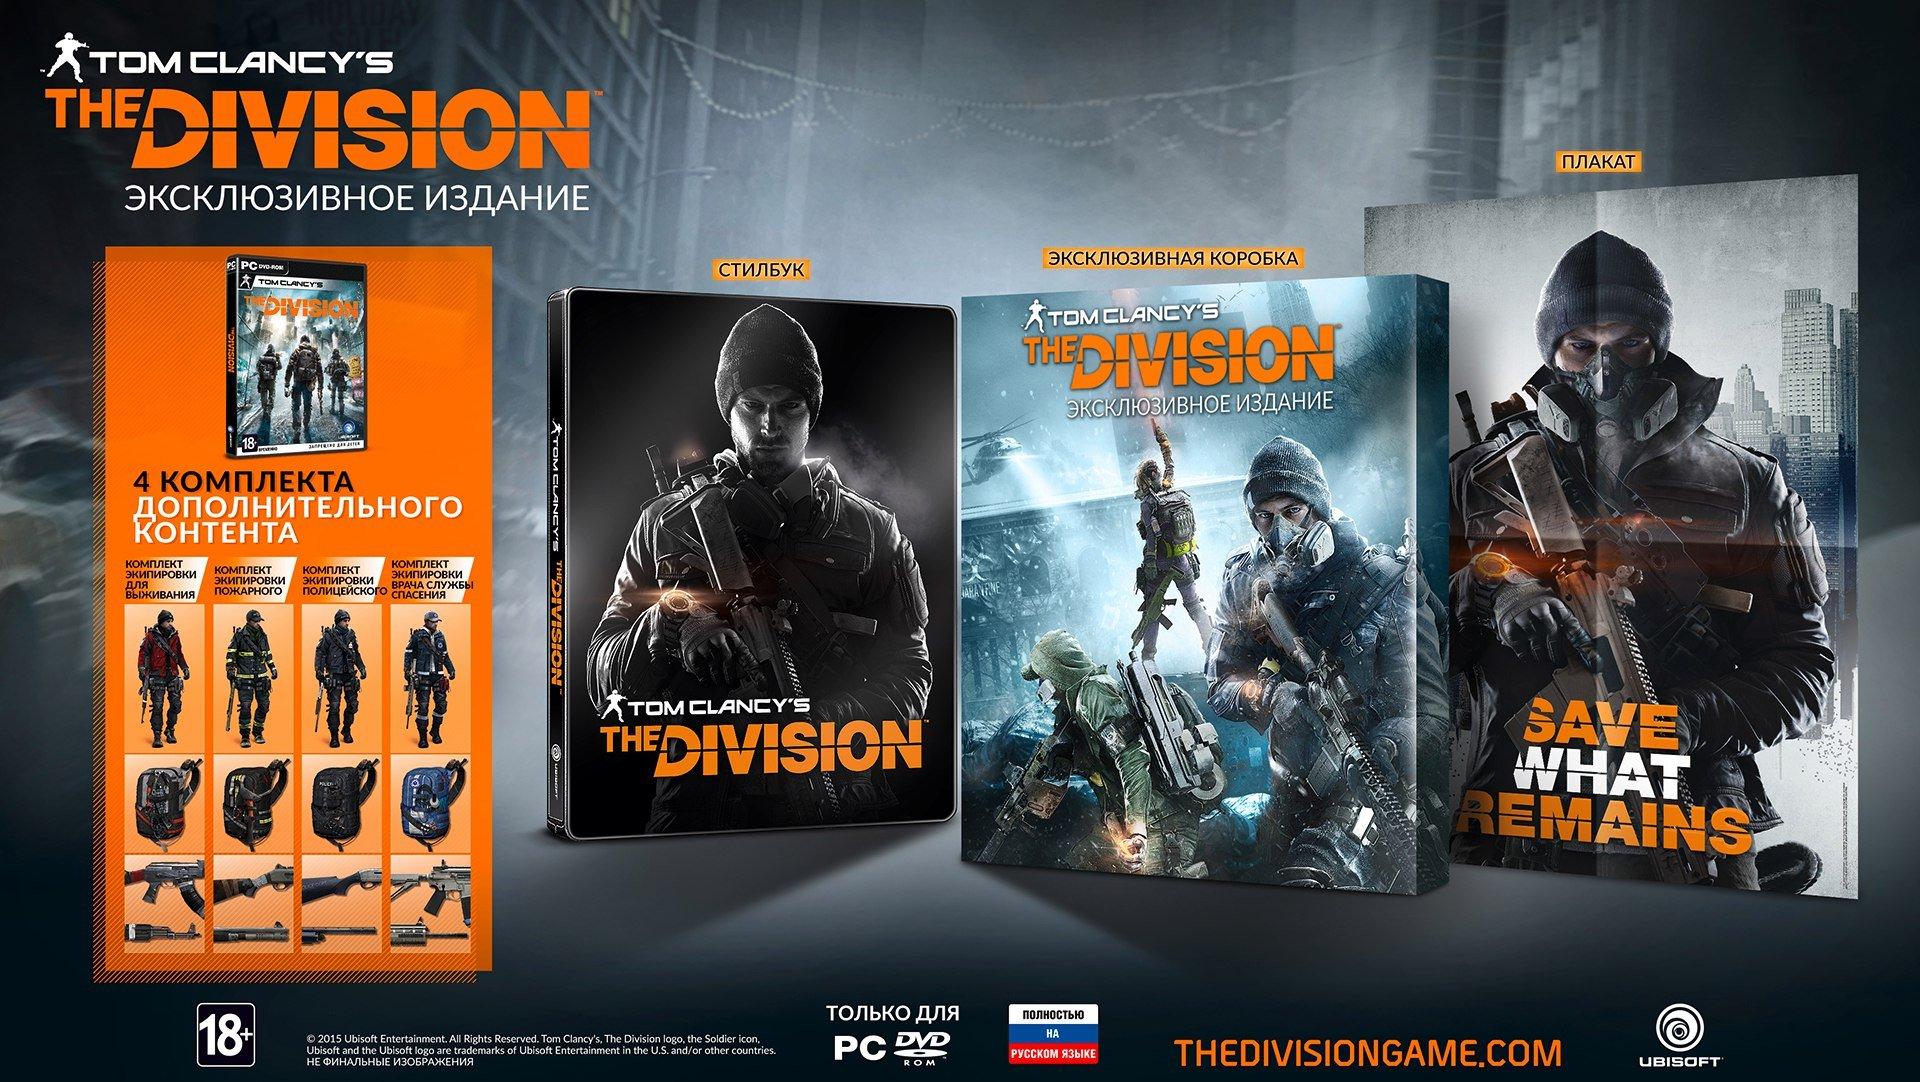 """Содержание """"Эксклюзивного издания"""" Tom Clancy's The Division:. - Изображение 1"""